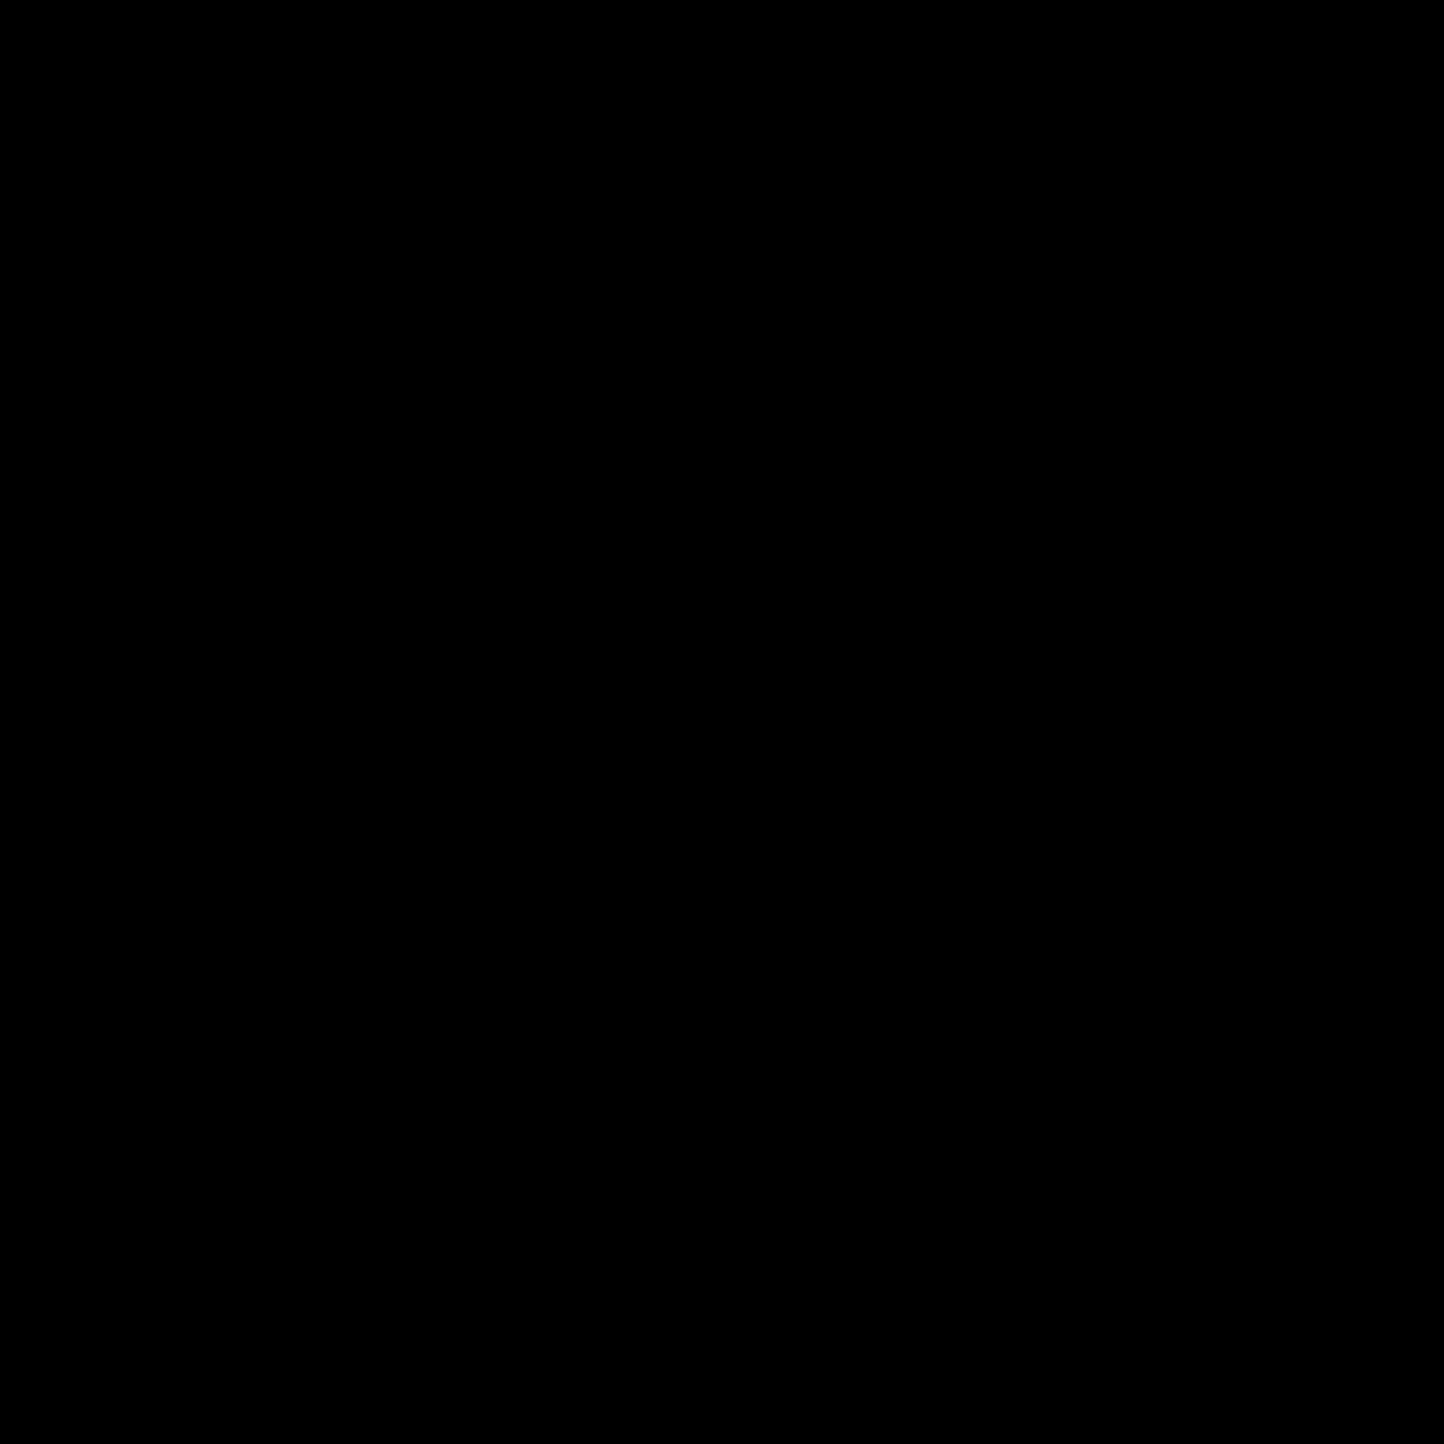 Логотип Піратської Партії України